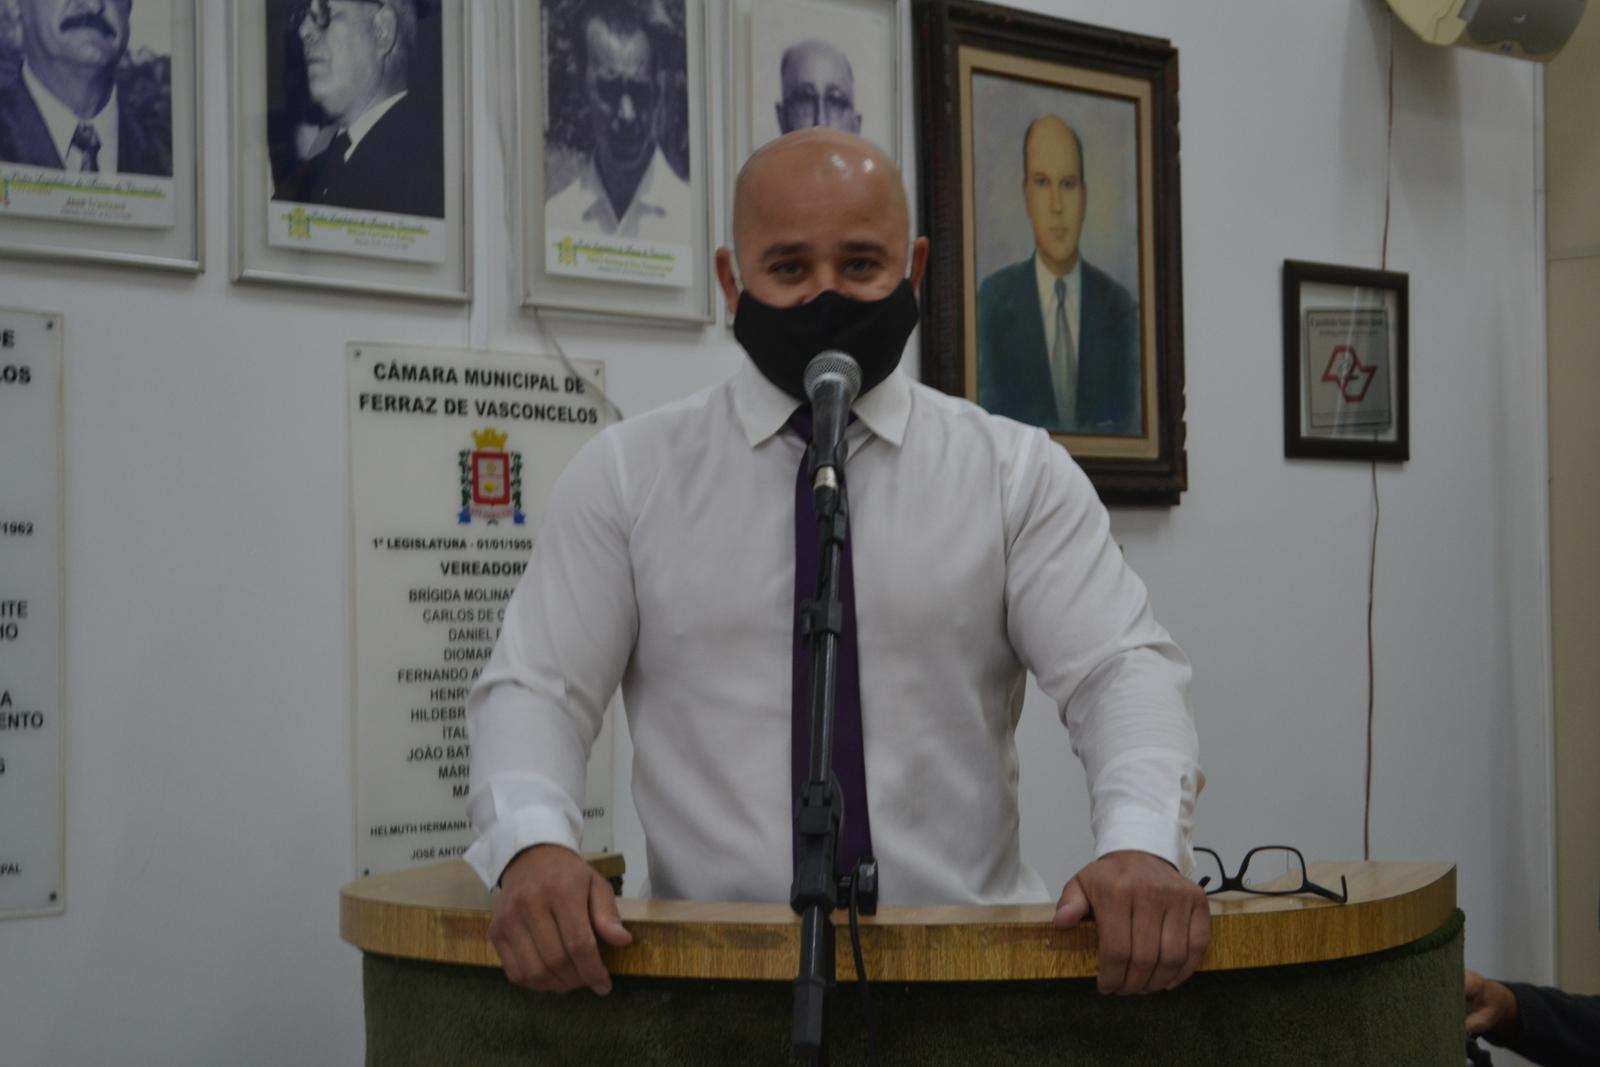 Vereador Eliel Fox prepara moção de aplauso a Guarda Civil Municipal por atuação